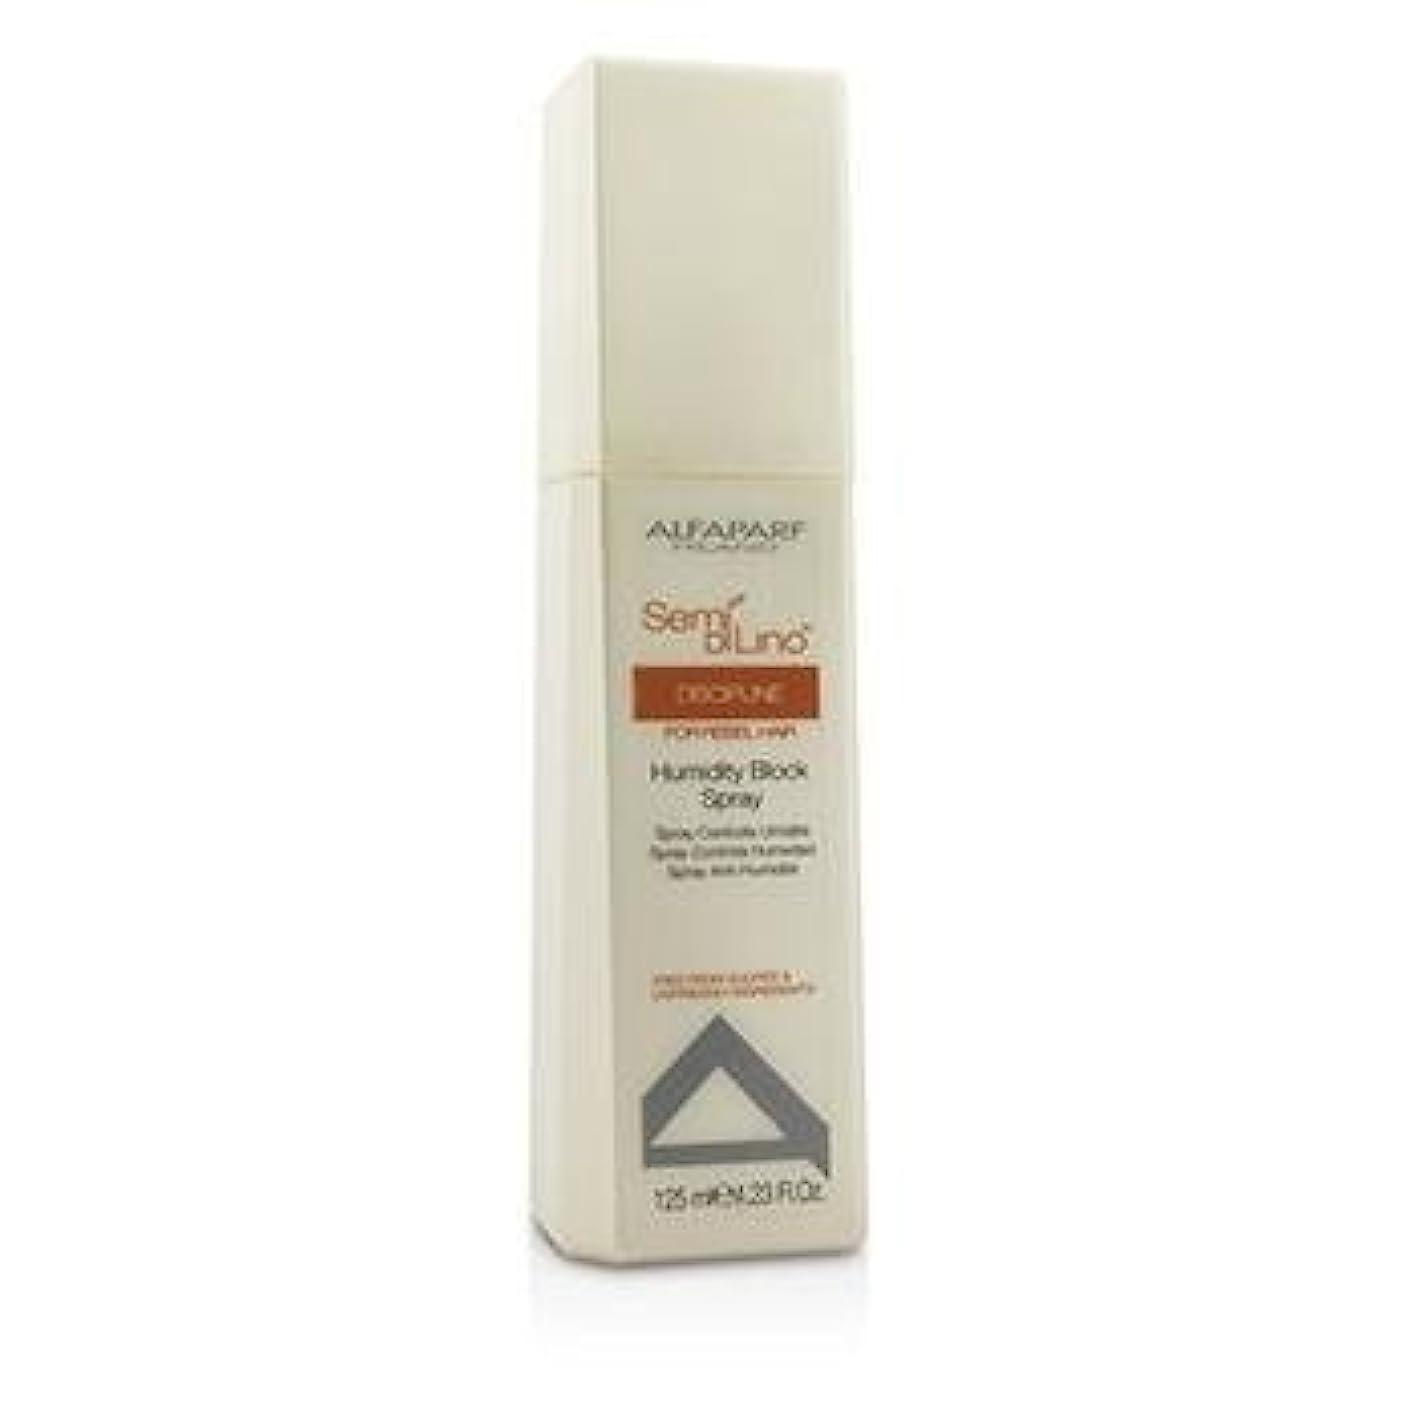 外科医ハードリング人道的アルファパルフ Semi Di Lino Discipline Humidity Block Spray (For Rebel Hair) 125ml